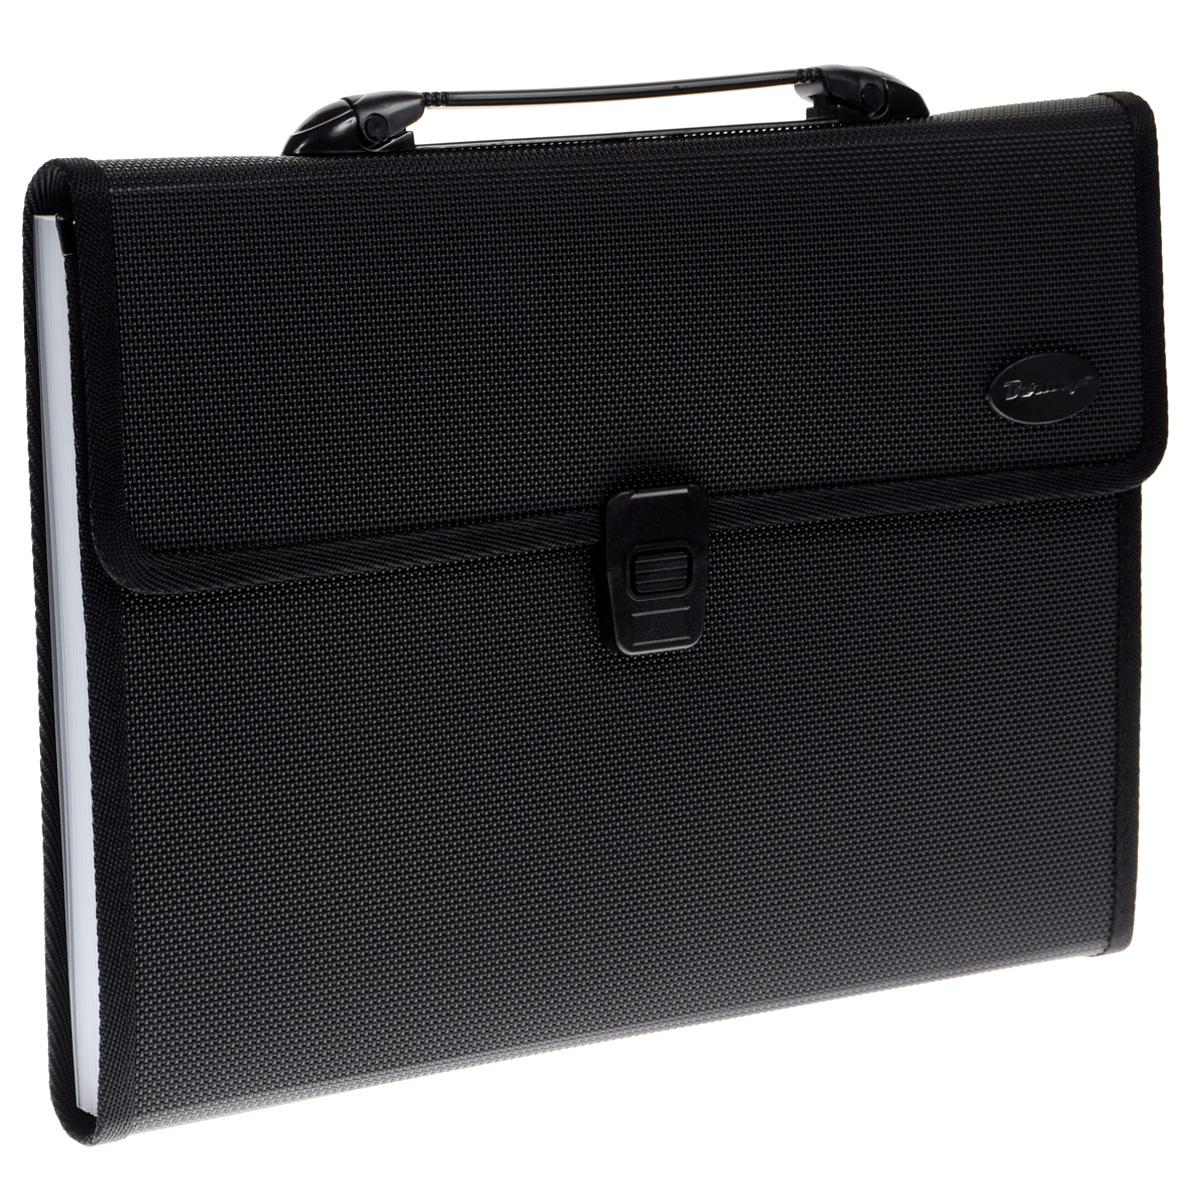 Berlingo Папка-портфель цвет черныйM_2305Папка-портфель Berlingo - это удобный и практичный офисный инструмент, предназначенный для хранения и транспортировки большого количества рабочих бумаг и документов формата А4.Папка-портфель изготовлена из плотного пластика с текстурой под ткань, оснащена удобной ручкой для переноски, закрывается на широкий клапан с пластиковым замком. Внутри папка имеет 13 вместительных отделений для бумаг и документов.Папка-портфель - это незаменимый атрибут для студента, школьника, офисного работника. Такая папка надежно сохранит ваши документы и сбережет их от повреждений, пыли и влаги.